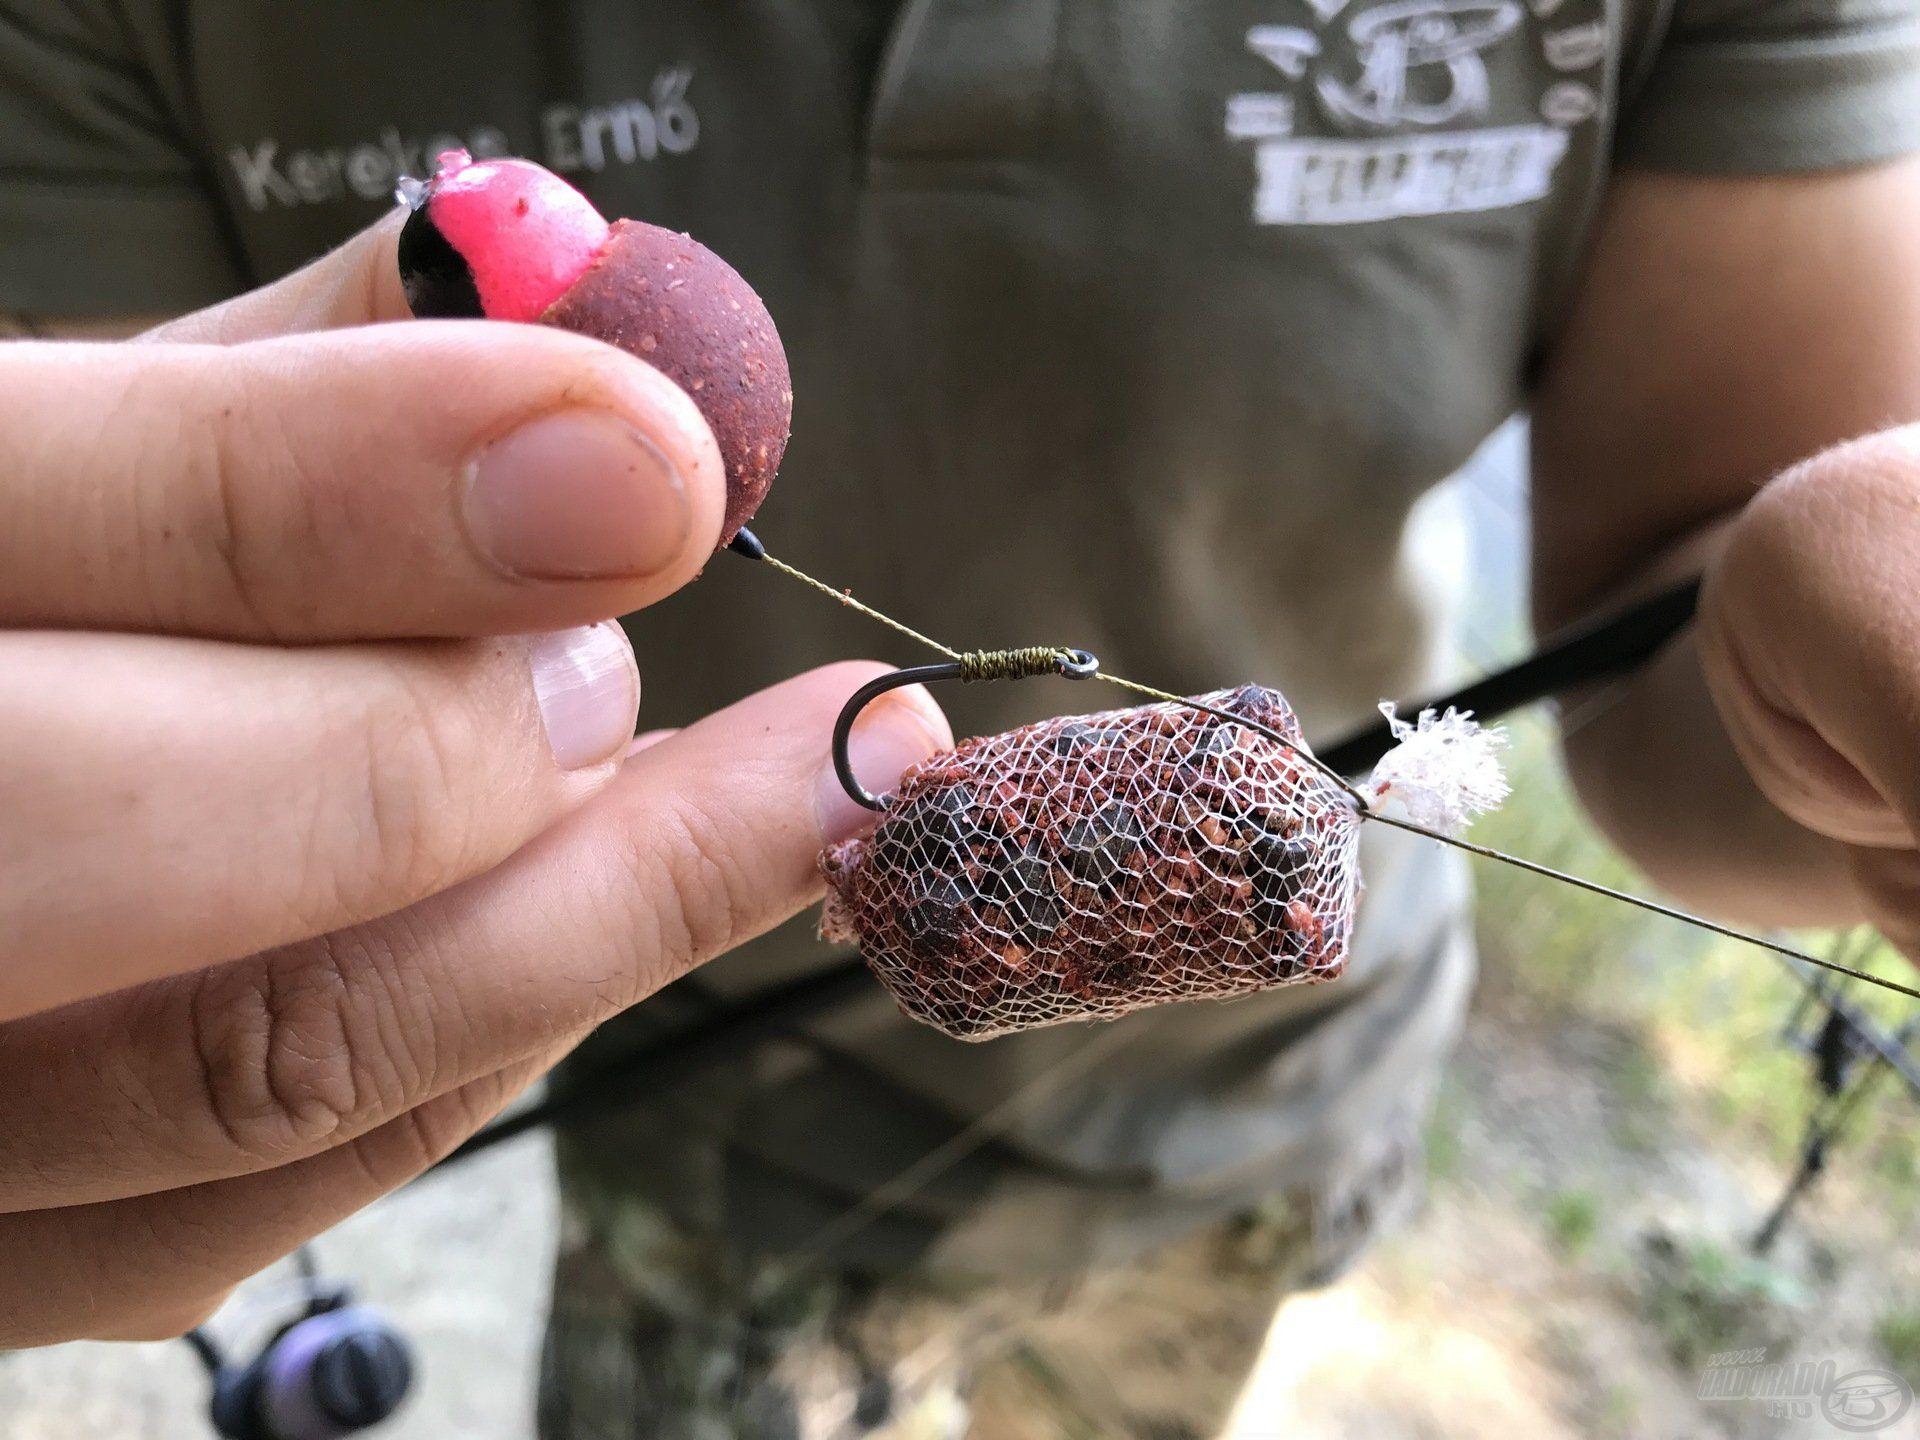 Kereső horgászatok alkalmával mindig érdemes kritikusan kiegyensúlyozni